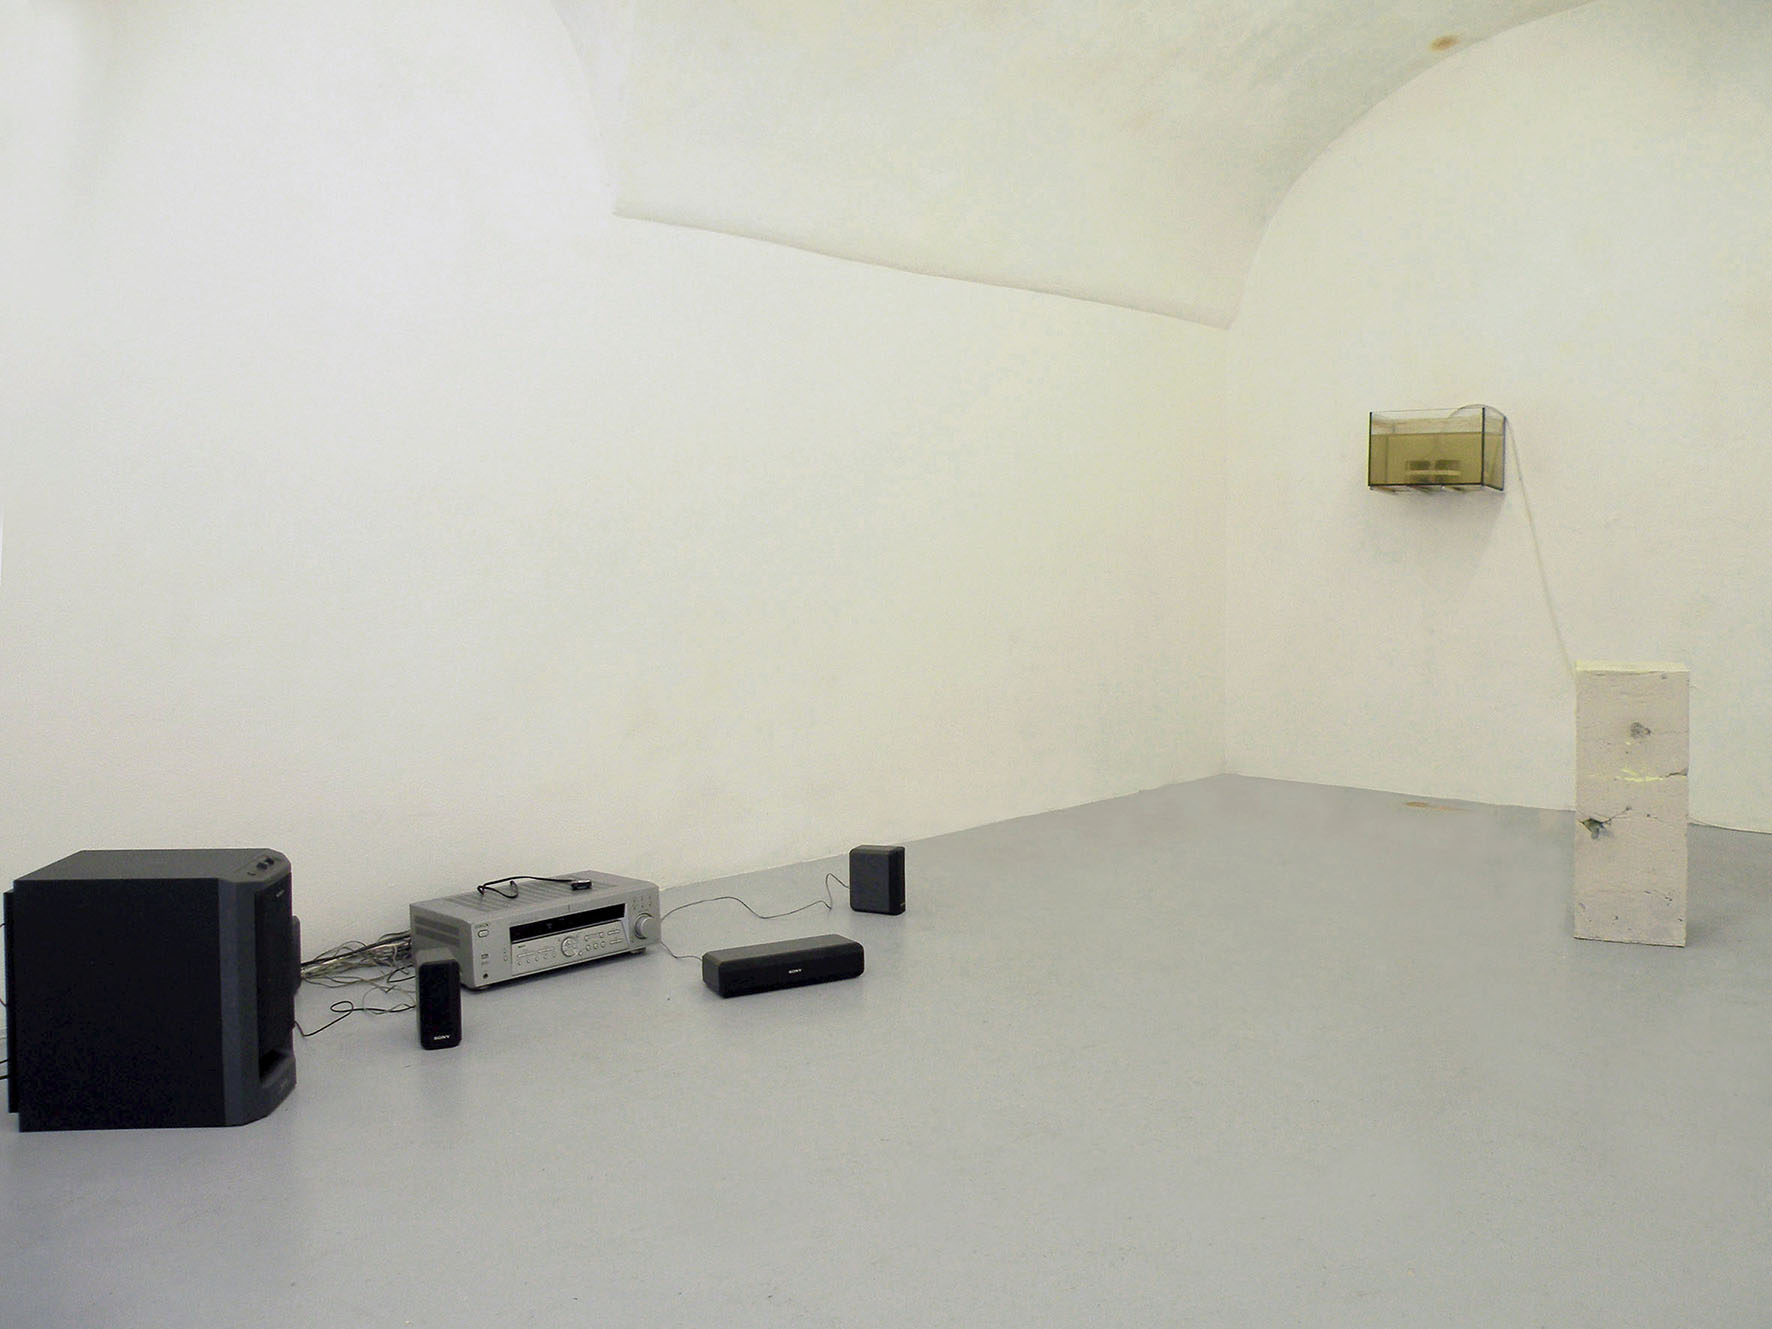 Enrico Boccioletti, Alessandro Vizzini, Elia     Gobbi,Installation view, 2015